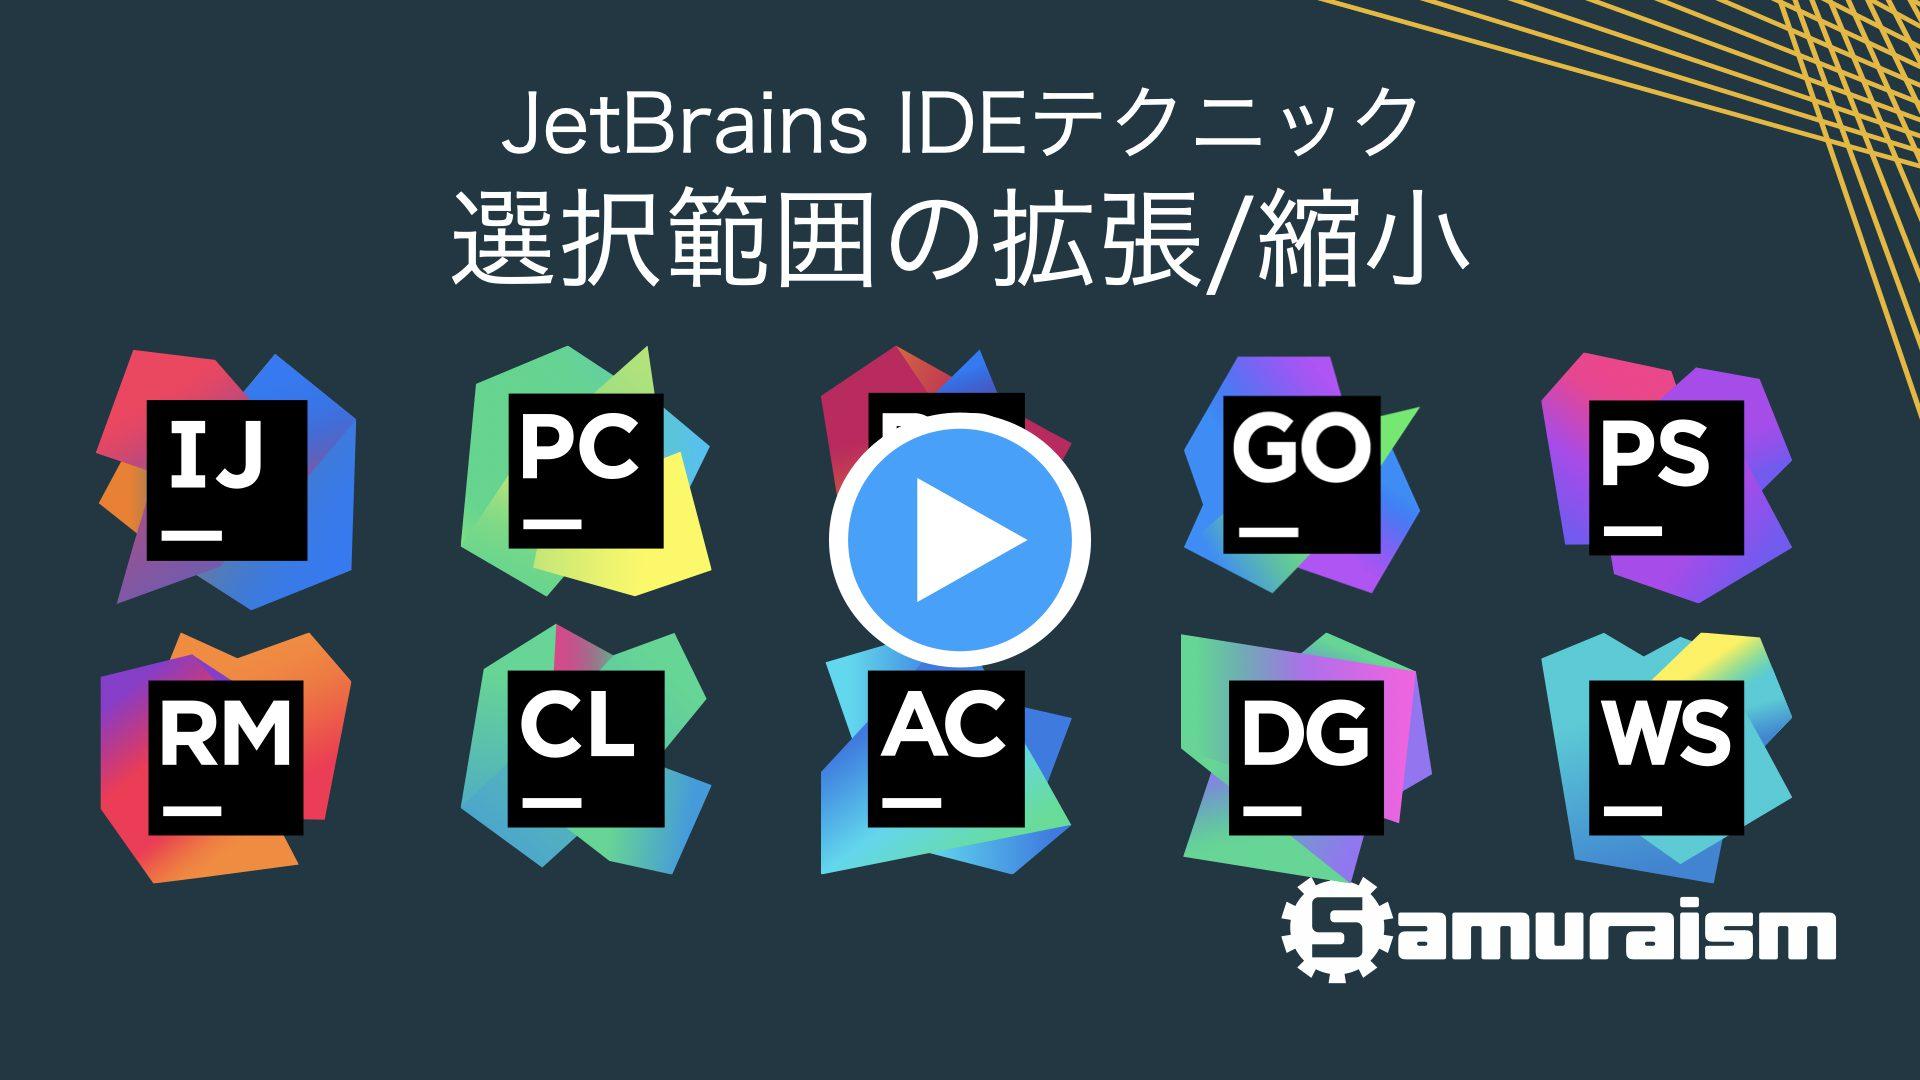 #JetBrainsIDEテクニック – 選択範囲の拡張/縮小